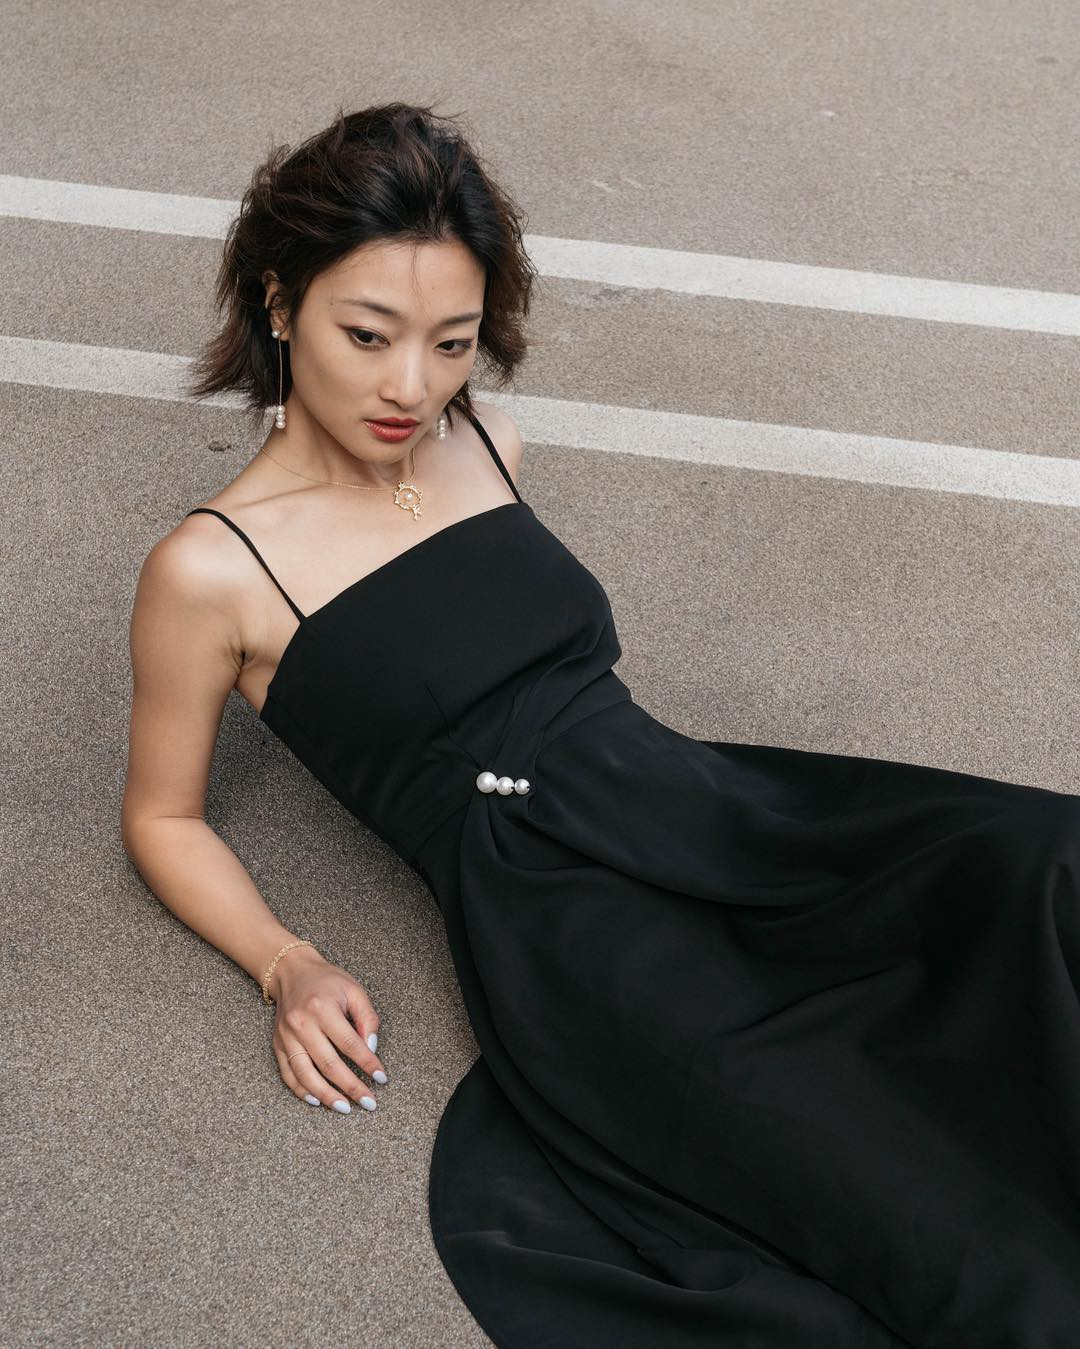 Nhờ một mẫu váy: Hà Tăng, Phạm Quỳnh Anh và Đàm Thu Trang khiến người ta nín lặng trước vẻ sexy và sang chảnh tột bậc - Ảnh 8